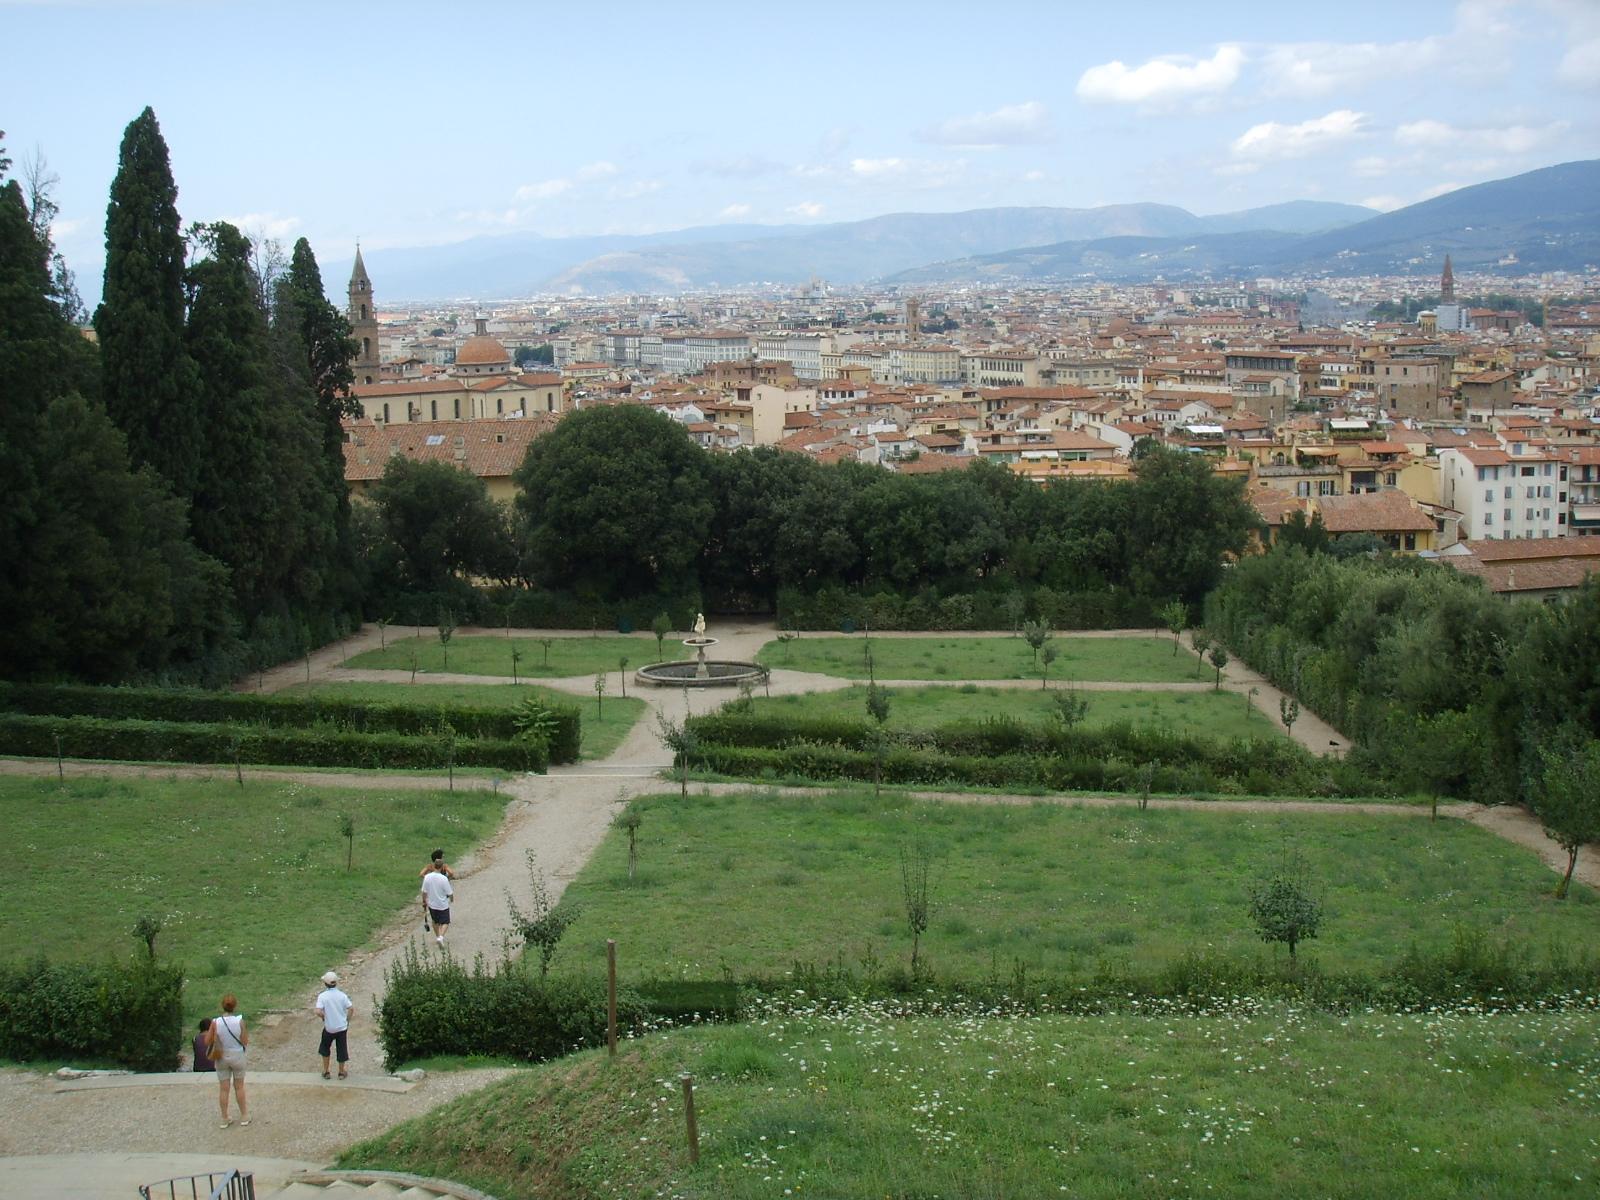 Firenze 8 giardini da visitare assolutamente te la do io firenze - I giardini di boboli ...